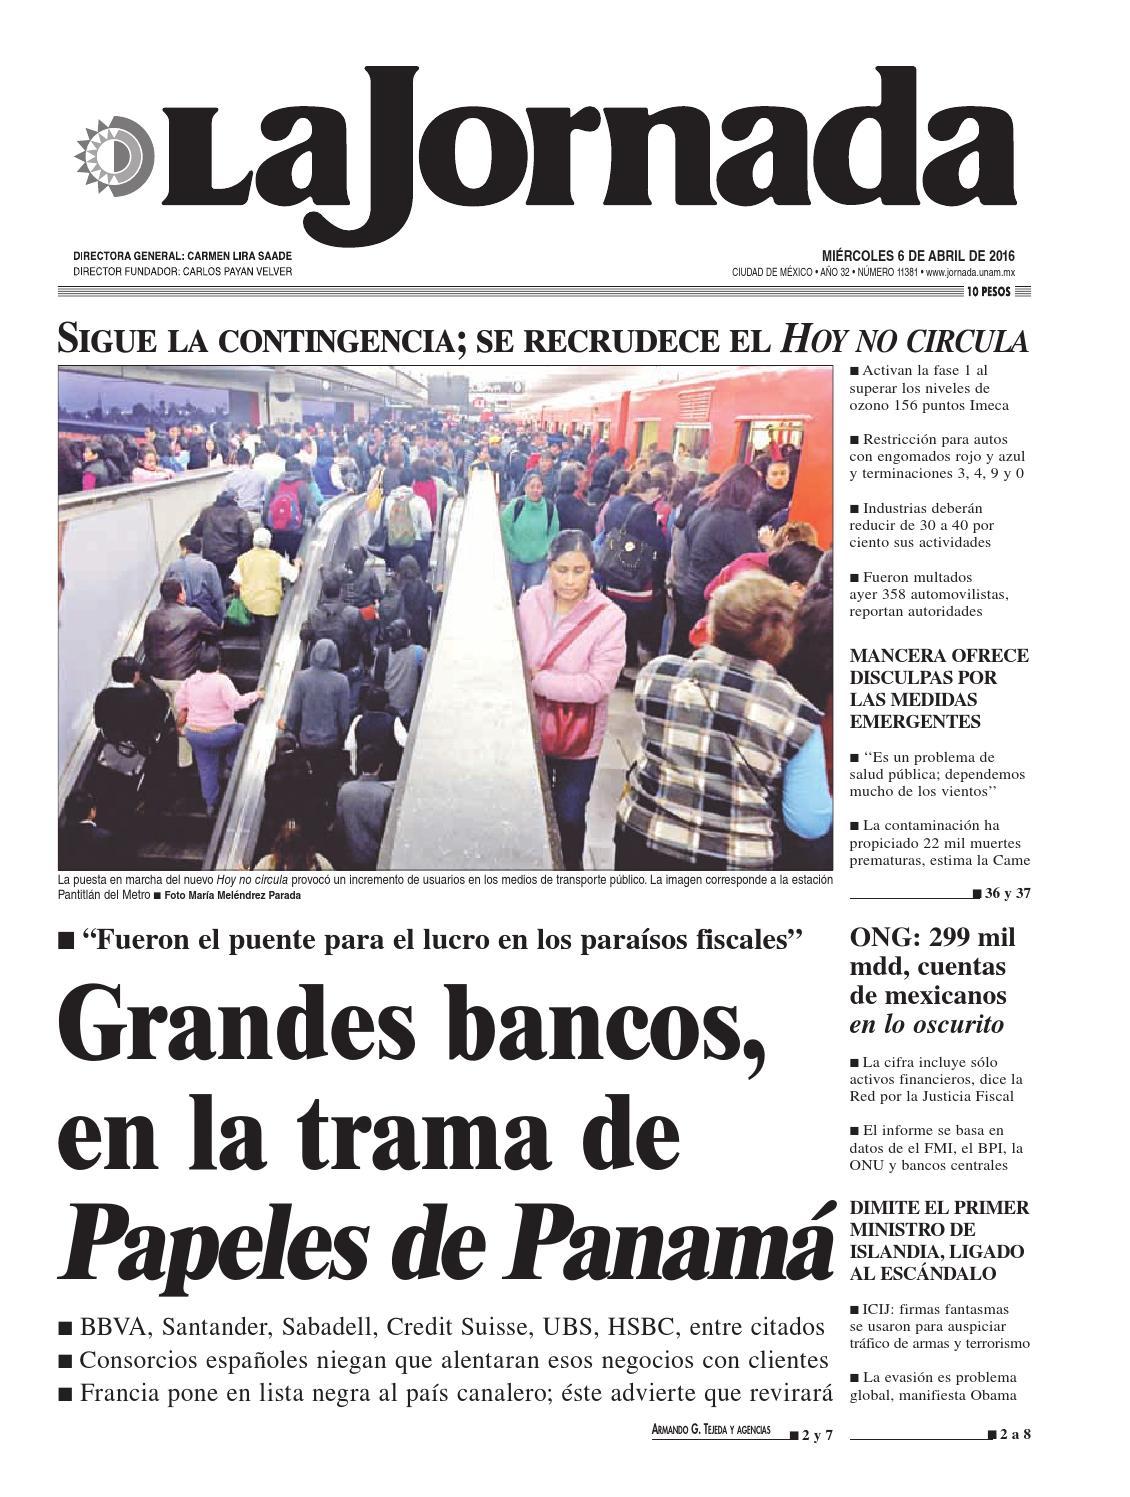 La Jornada, 04/06/2016 by La Jornada: DEMOS Desarrollo de Medios SA ...